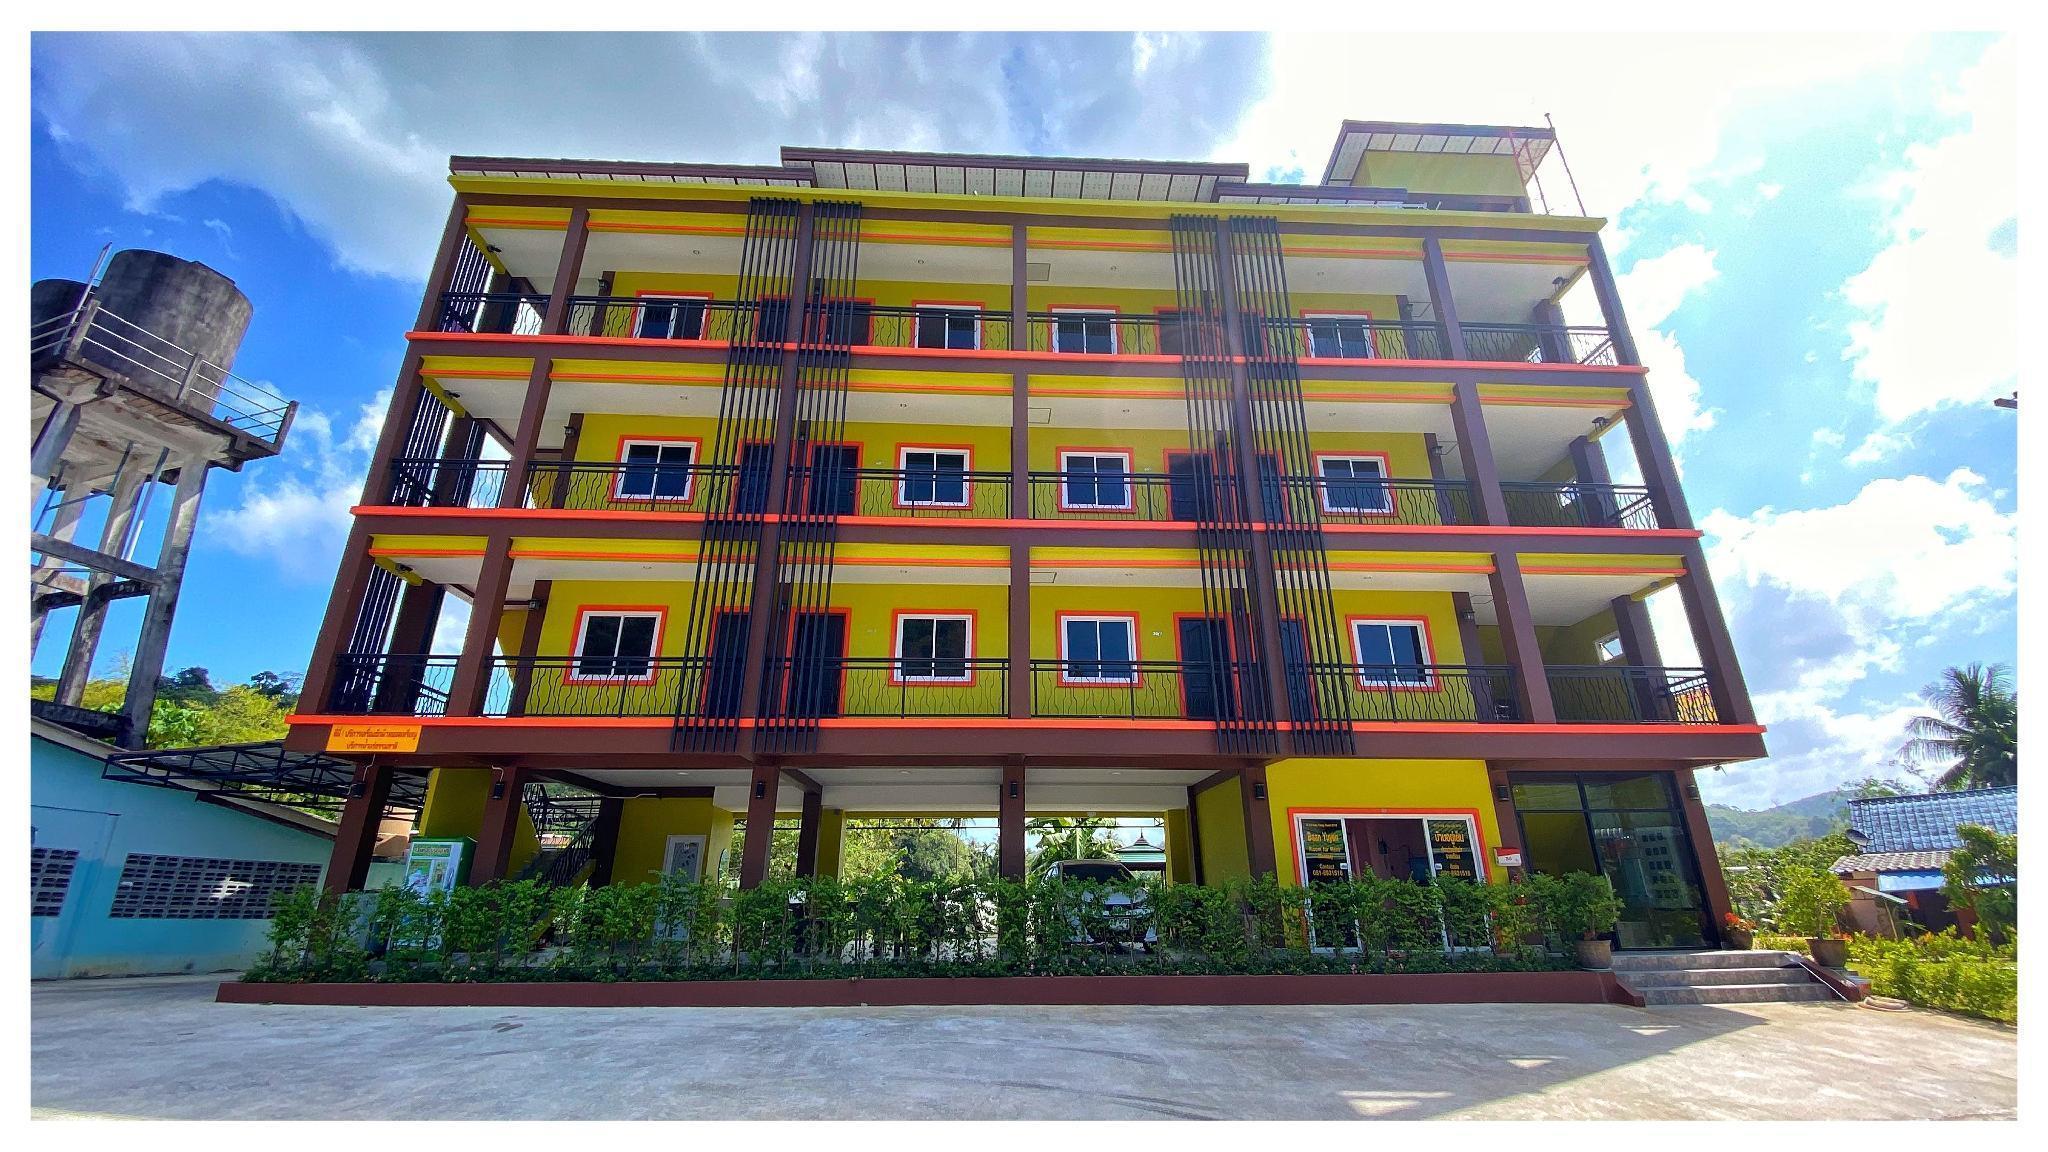 Baanyooyen Apartment อพาร์ตเมนต์ 1 ห้องนอน 1 ห้องน้ำส่วนตัว ขนาด 25 ตร.ม. – ในทอน